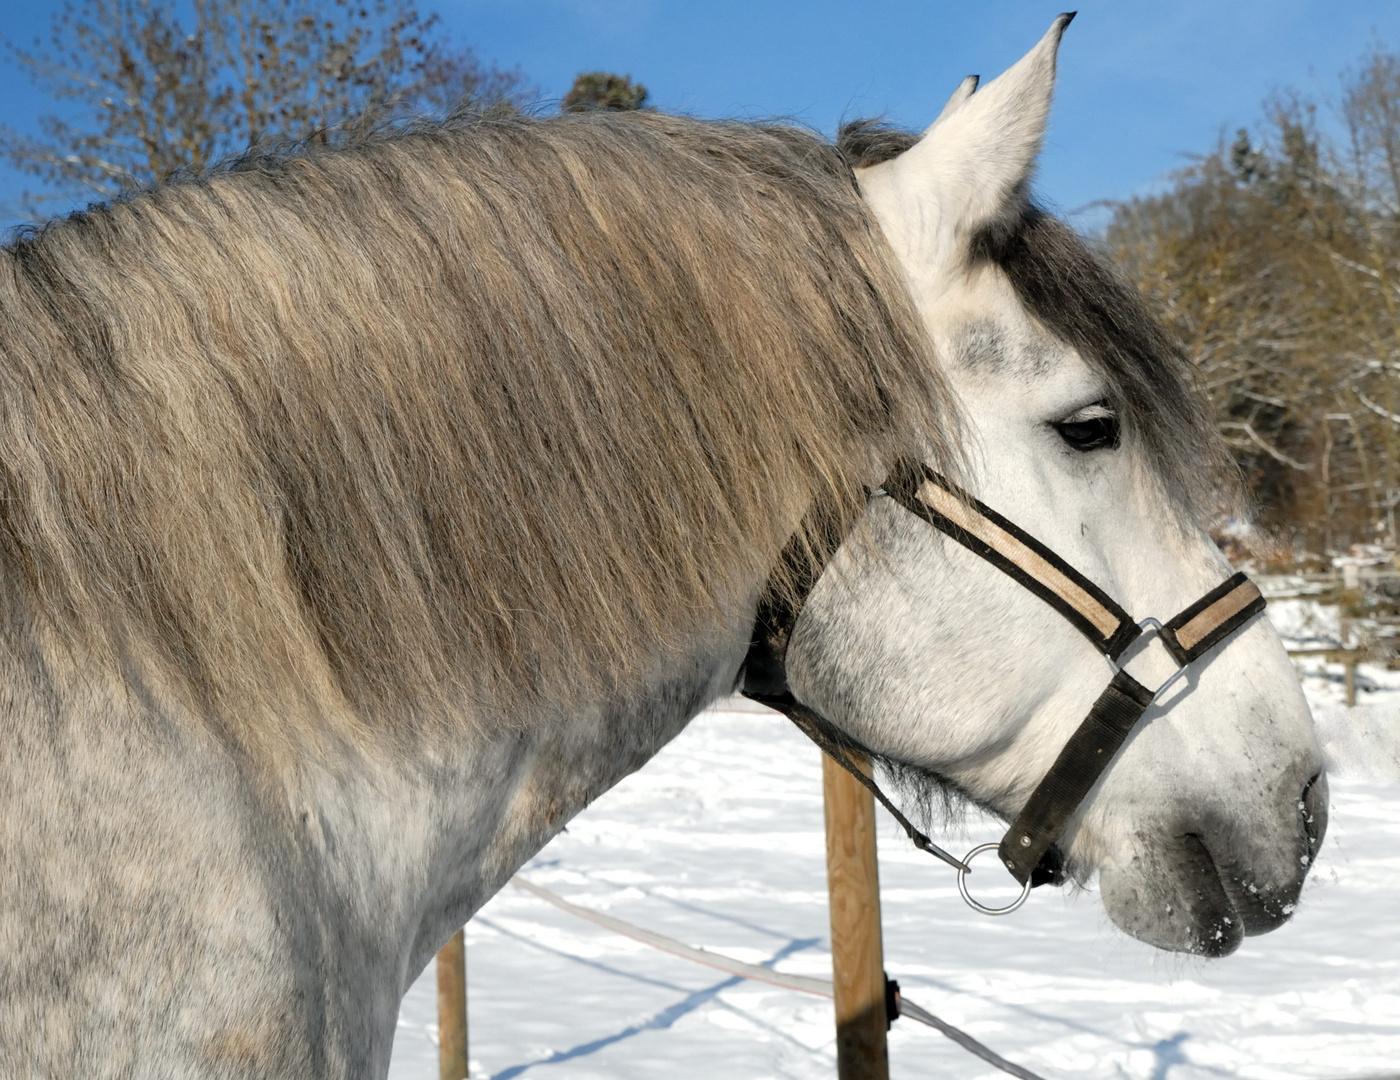 Schnee, Sonne, blauer Himmel und ein schönes Pferd...